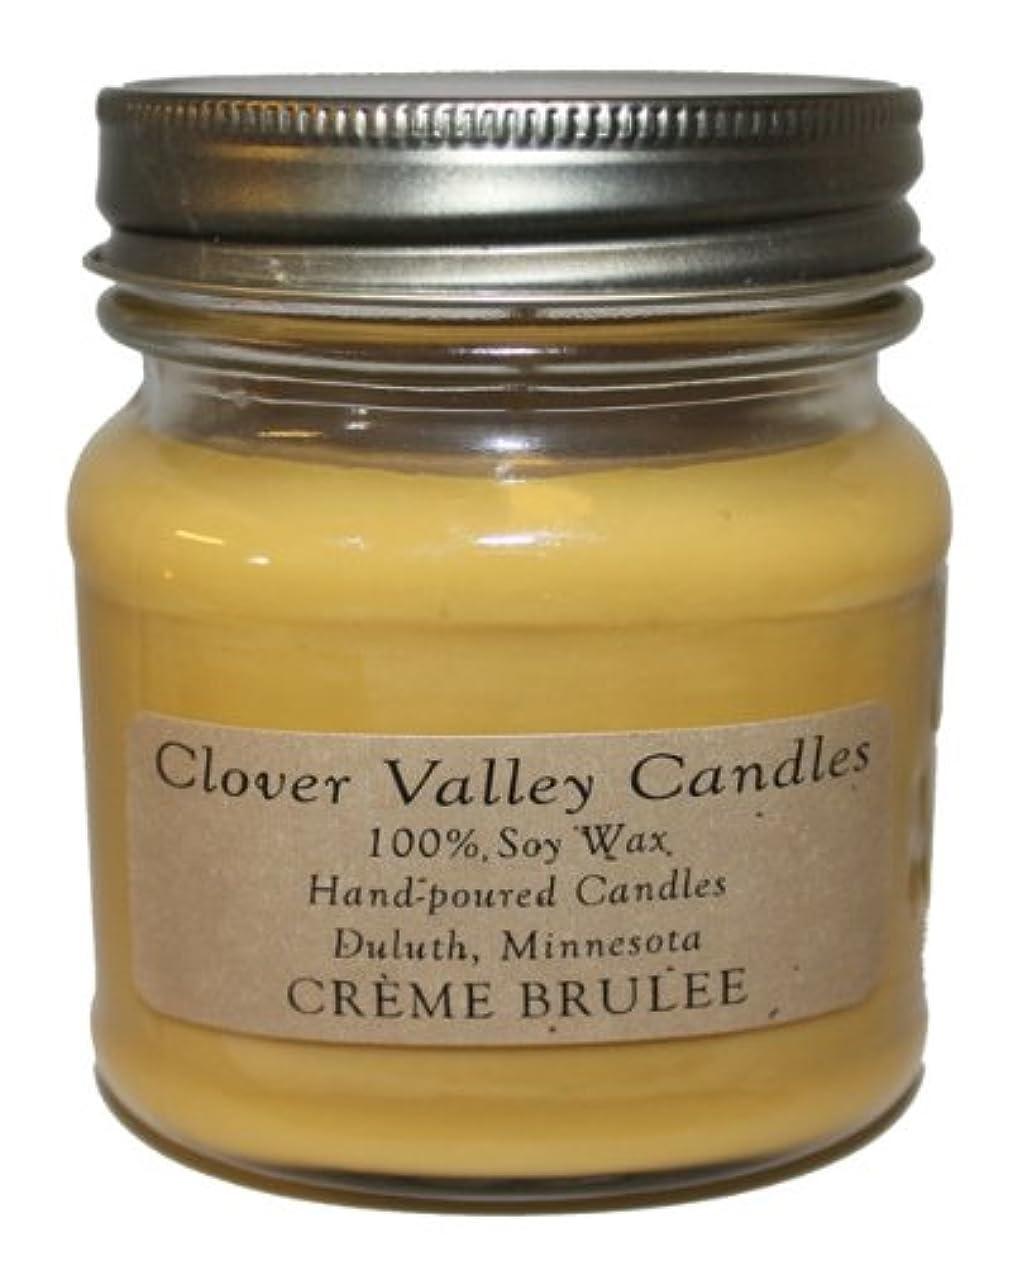 折つらい息を切らしてCreme Brulee Half Pint Scented Candle byクローバーValleyキャンドル